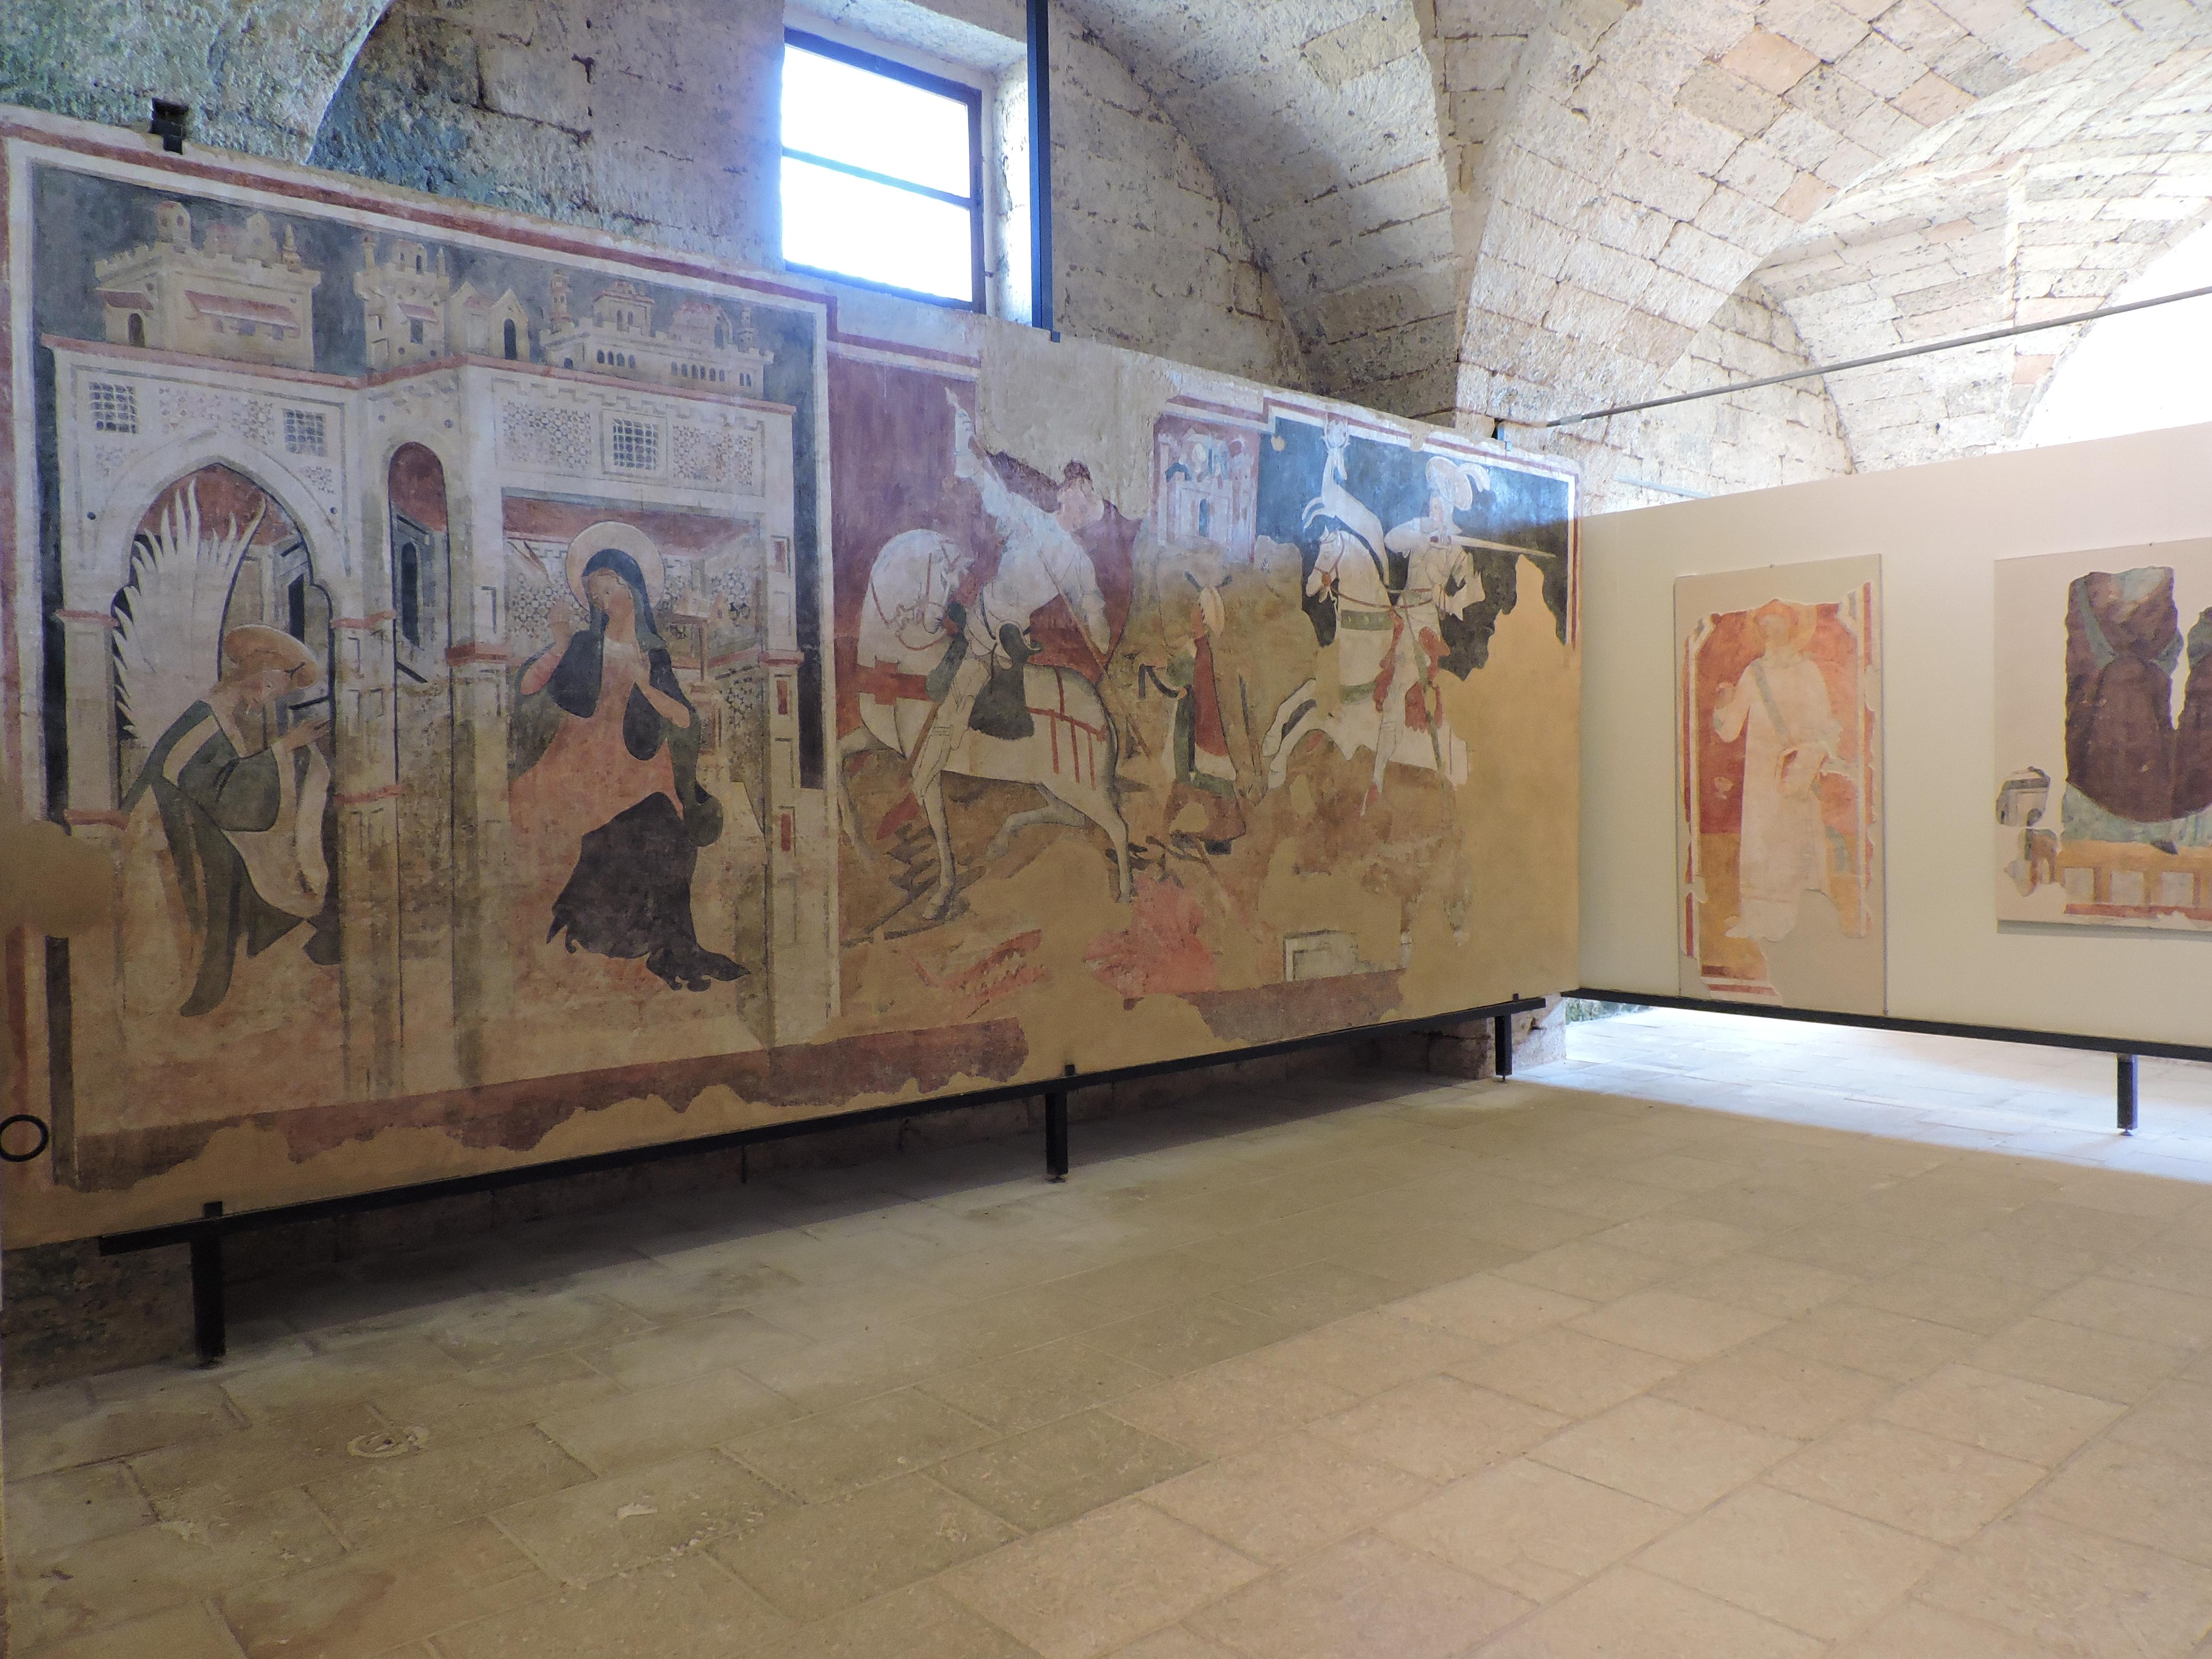 Pannelli degli affreschi strappati conservati nella Casa del Massaro, foto (c)Sara Venturiero